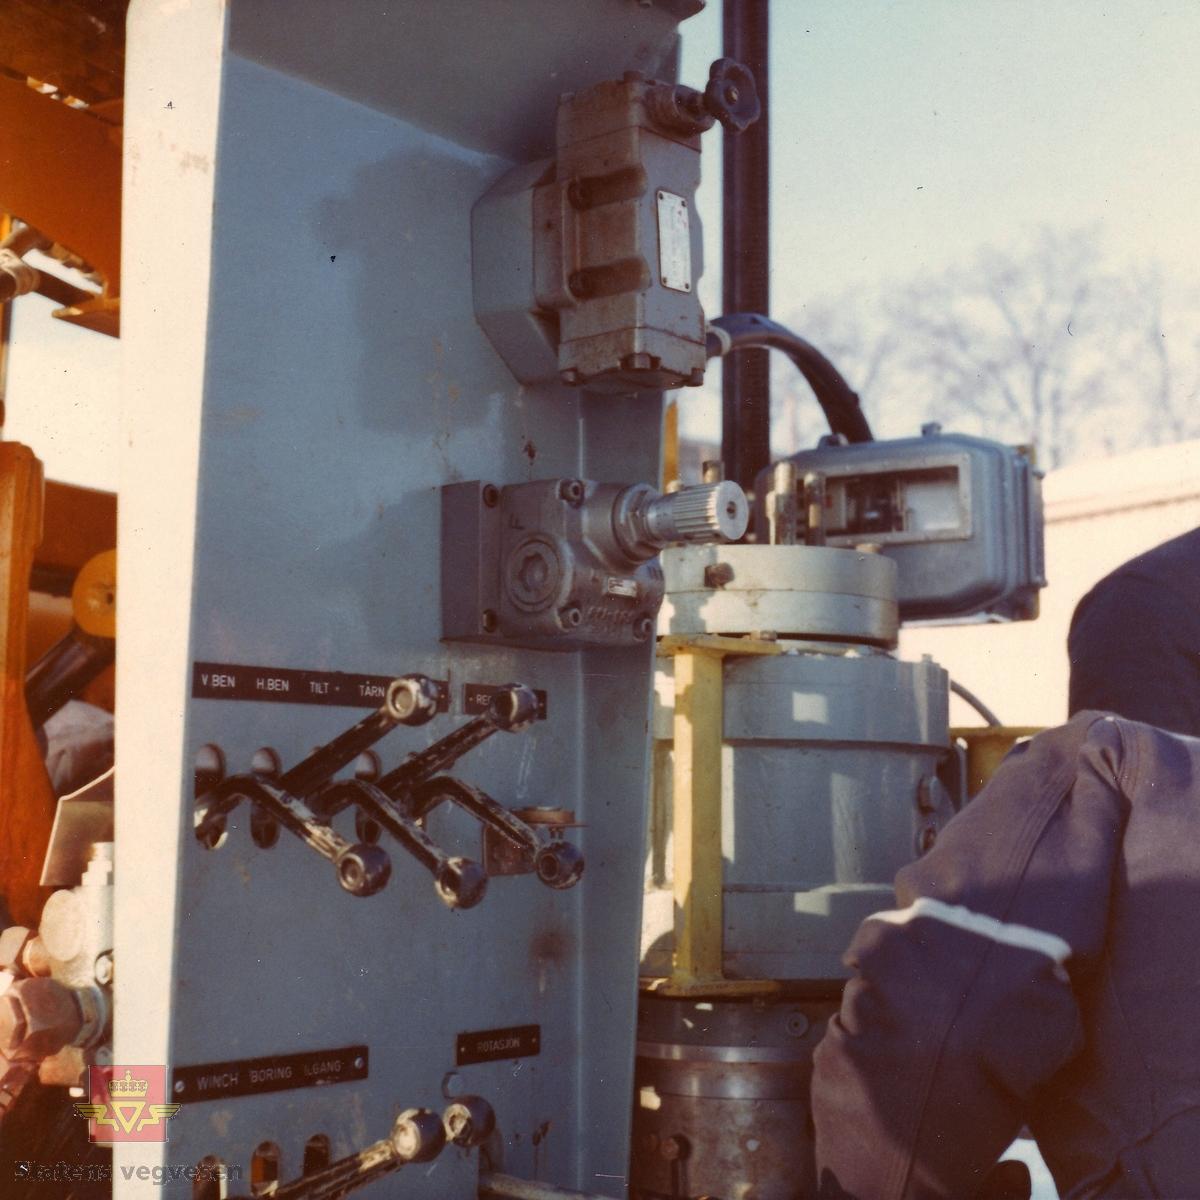 """Kurs i bruk av """"Hydroriggen"""" (grunnboringstraktor) utenfor Veglaboratoriet i Oslo feb. 1970.   Utviklingen av """"Hydroriggen""""på slutten av 1960-t revolusjonerte grunnboringsarbeidet. Det manuelle arbeidet ble redusert, den var lettere å flytte og hadde større kapasitet og evne til nedtrengning. En ny metode kalt dreietrykksondering ble tatt i bruk: Man målte hvor mye kraft som måtte til for å trykke borstengene ned i bakken med konstant hastighet og rotasjon. Riggen kunne også benyttes til andre sonderingsmetoder, prøvetaking og vingeboring. Hydroriggen hadde begrenset framkommelighet tiltross for at den var utstyrt med halvbelter.   Kilde: Rapport nr: 2550, Teknologiavdelingen SVV: """"Grunnboringsutstyr 1960-2000"""""""